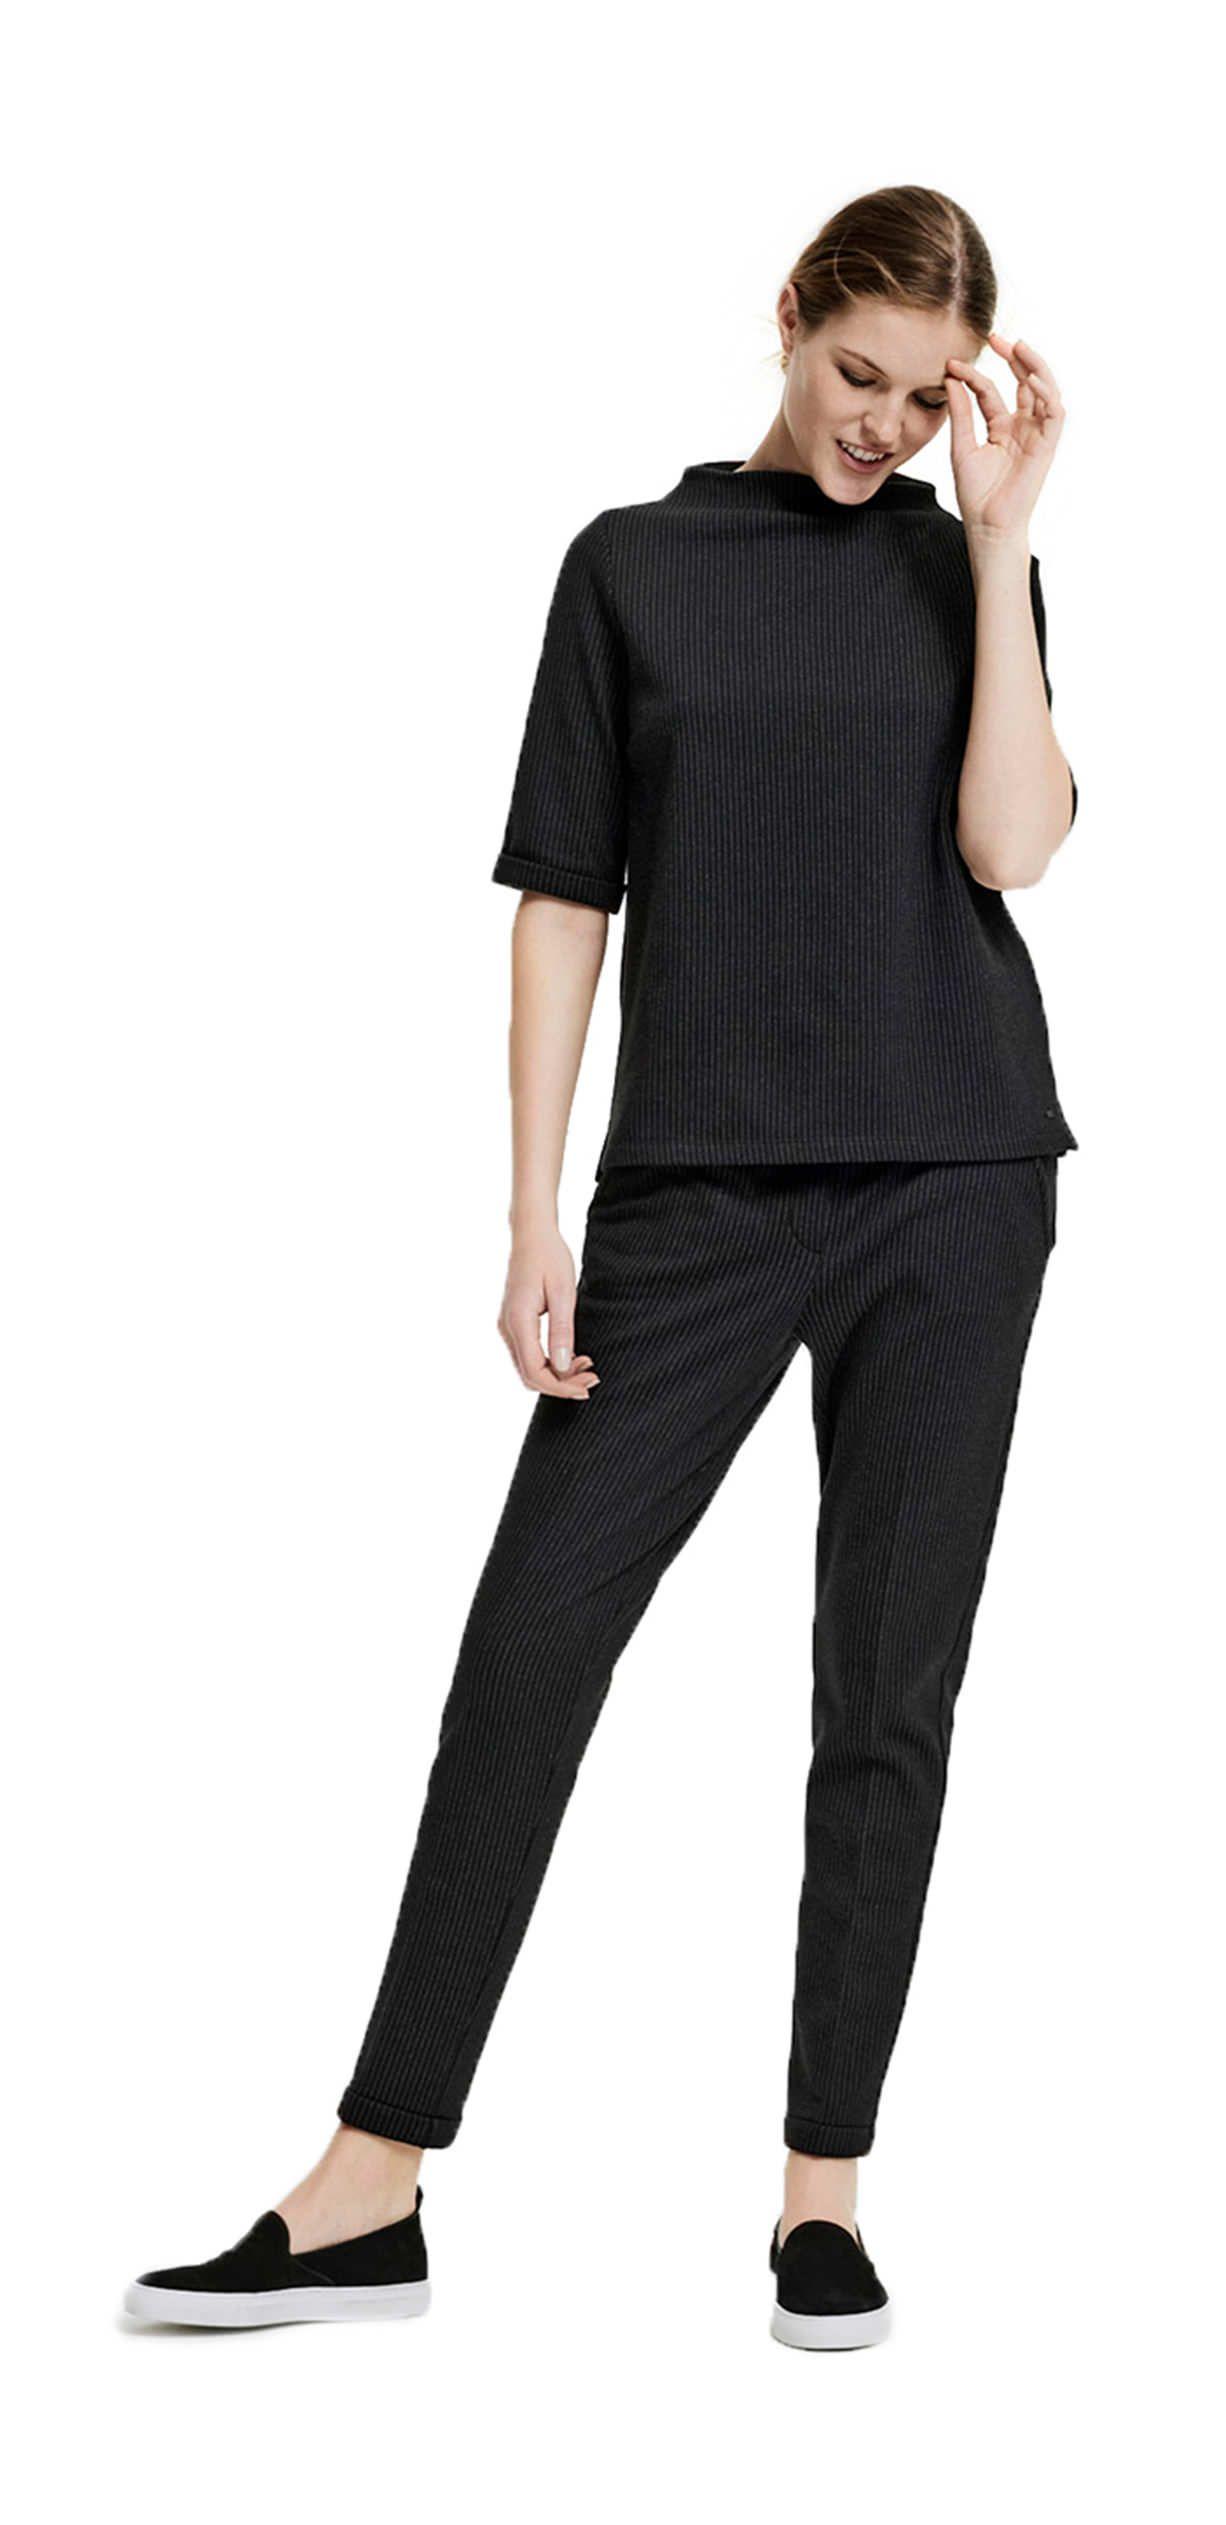 Schwarze hose und schwarzes shirt